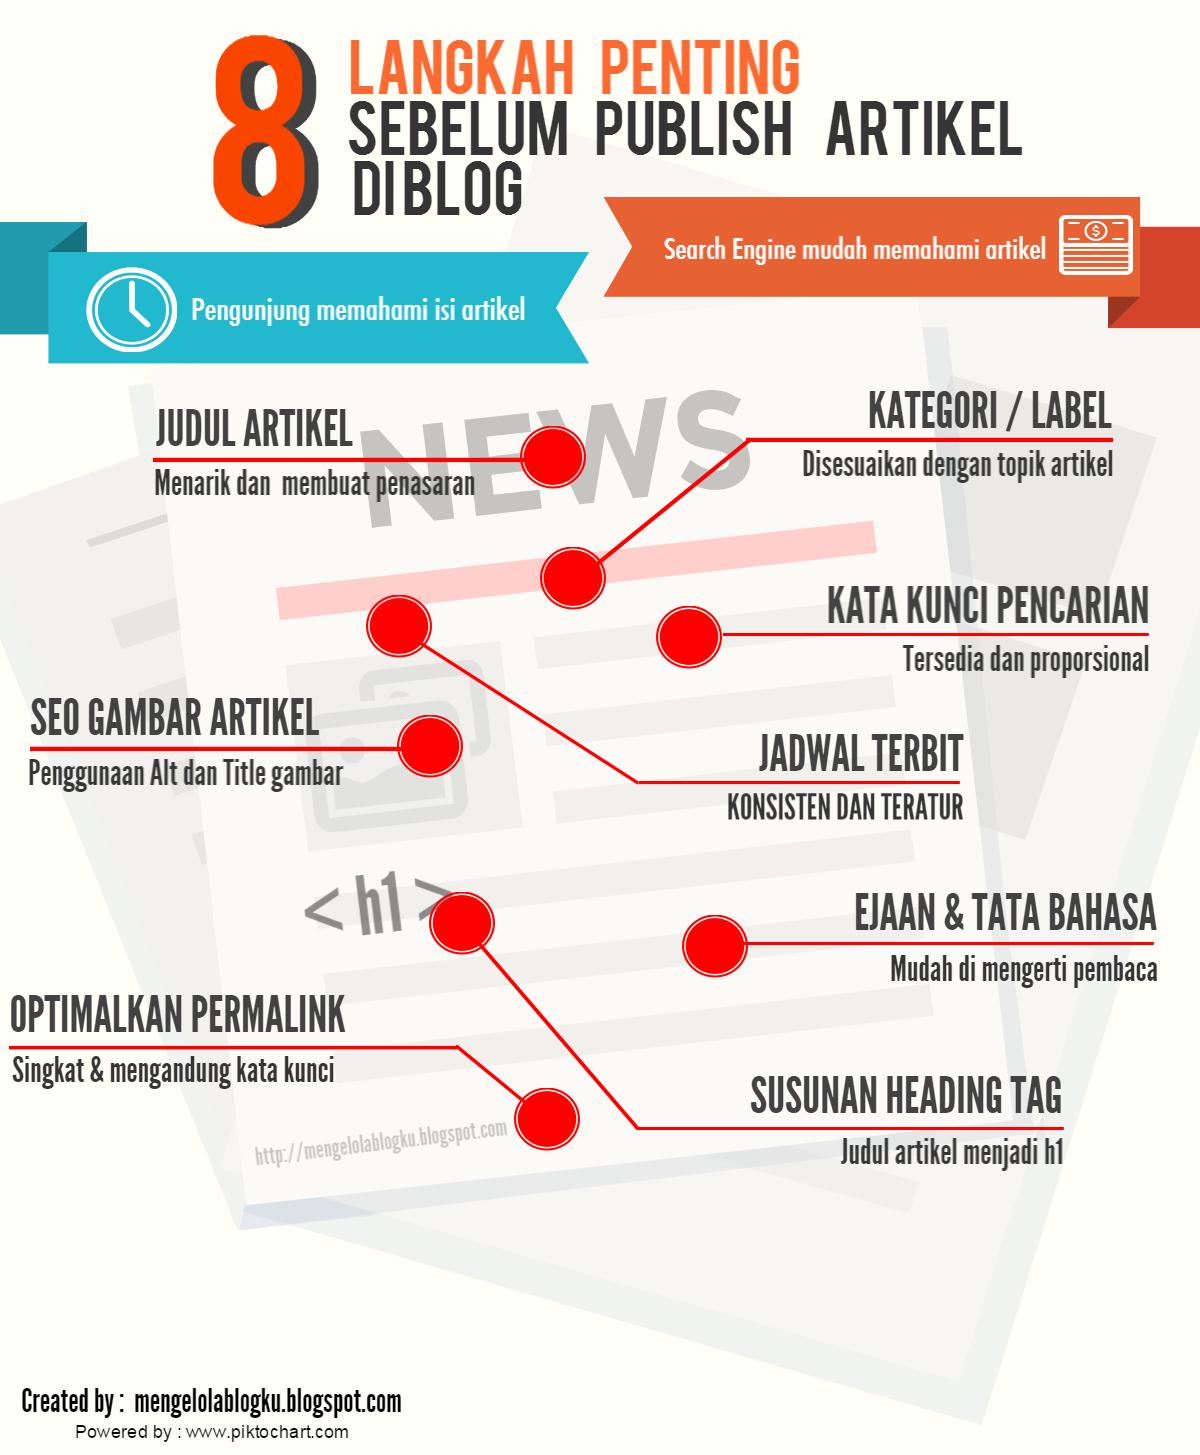 8-langkah-sebelum-publish-artikel-diblog